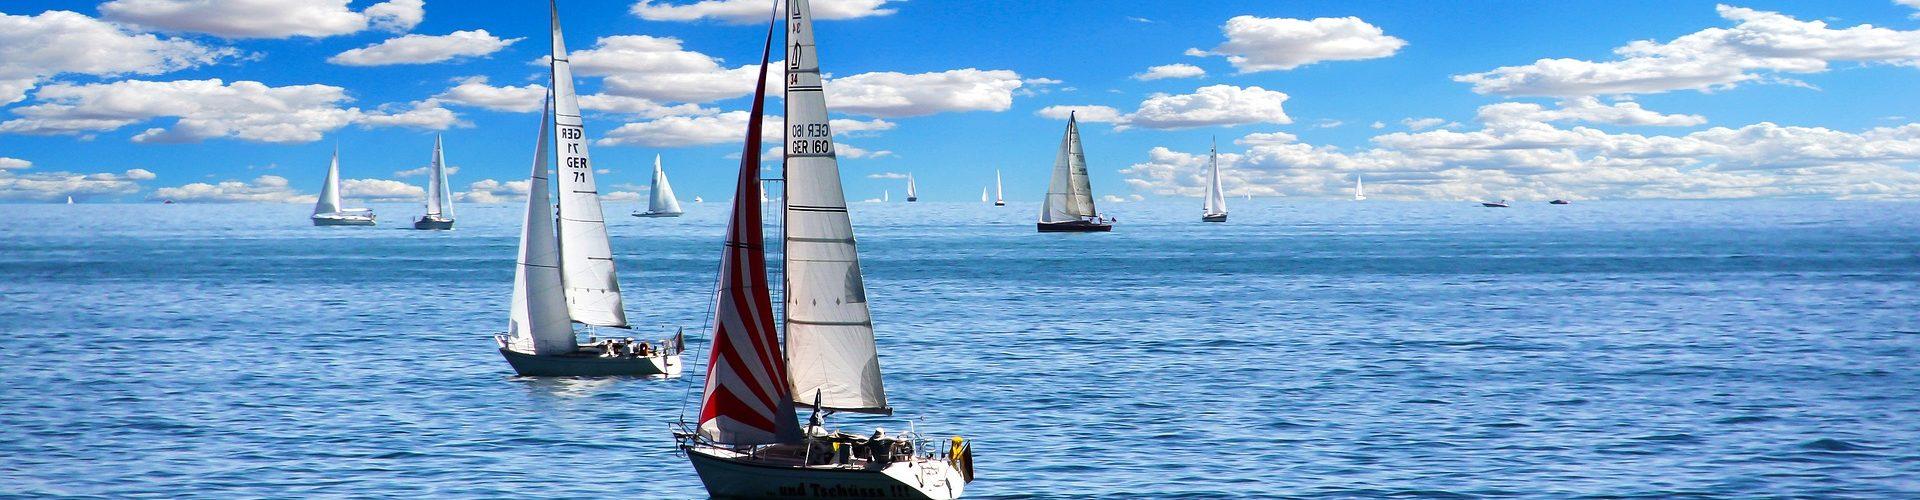 segeln lernen in Gussow segelschein machen in Gussow 1920x500 - Segeln lernen in Gussow